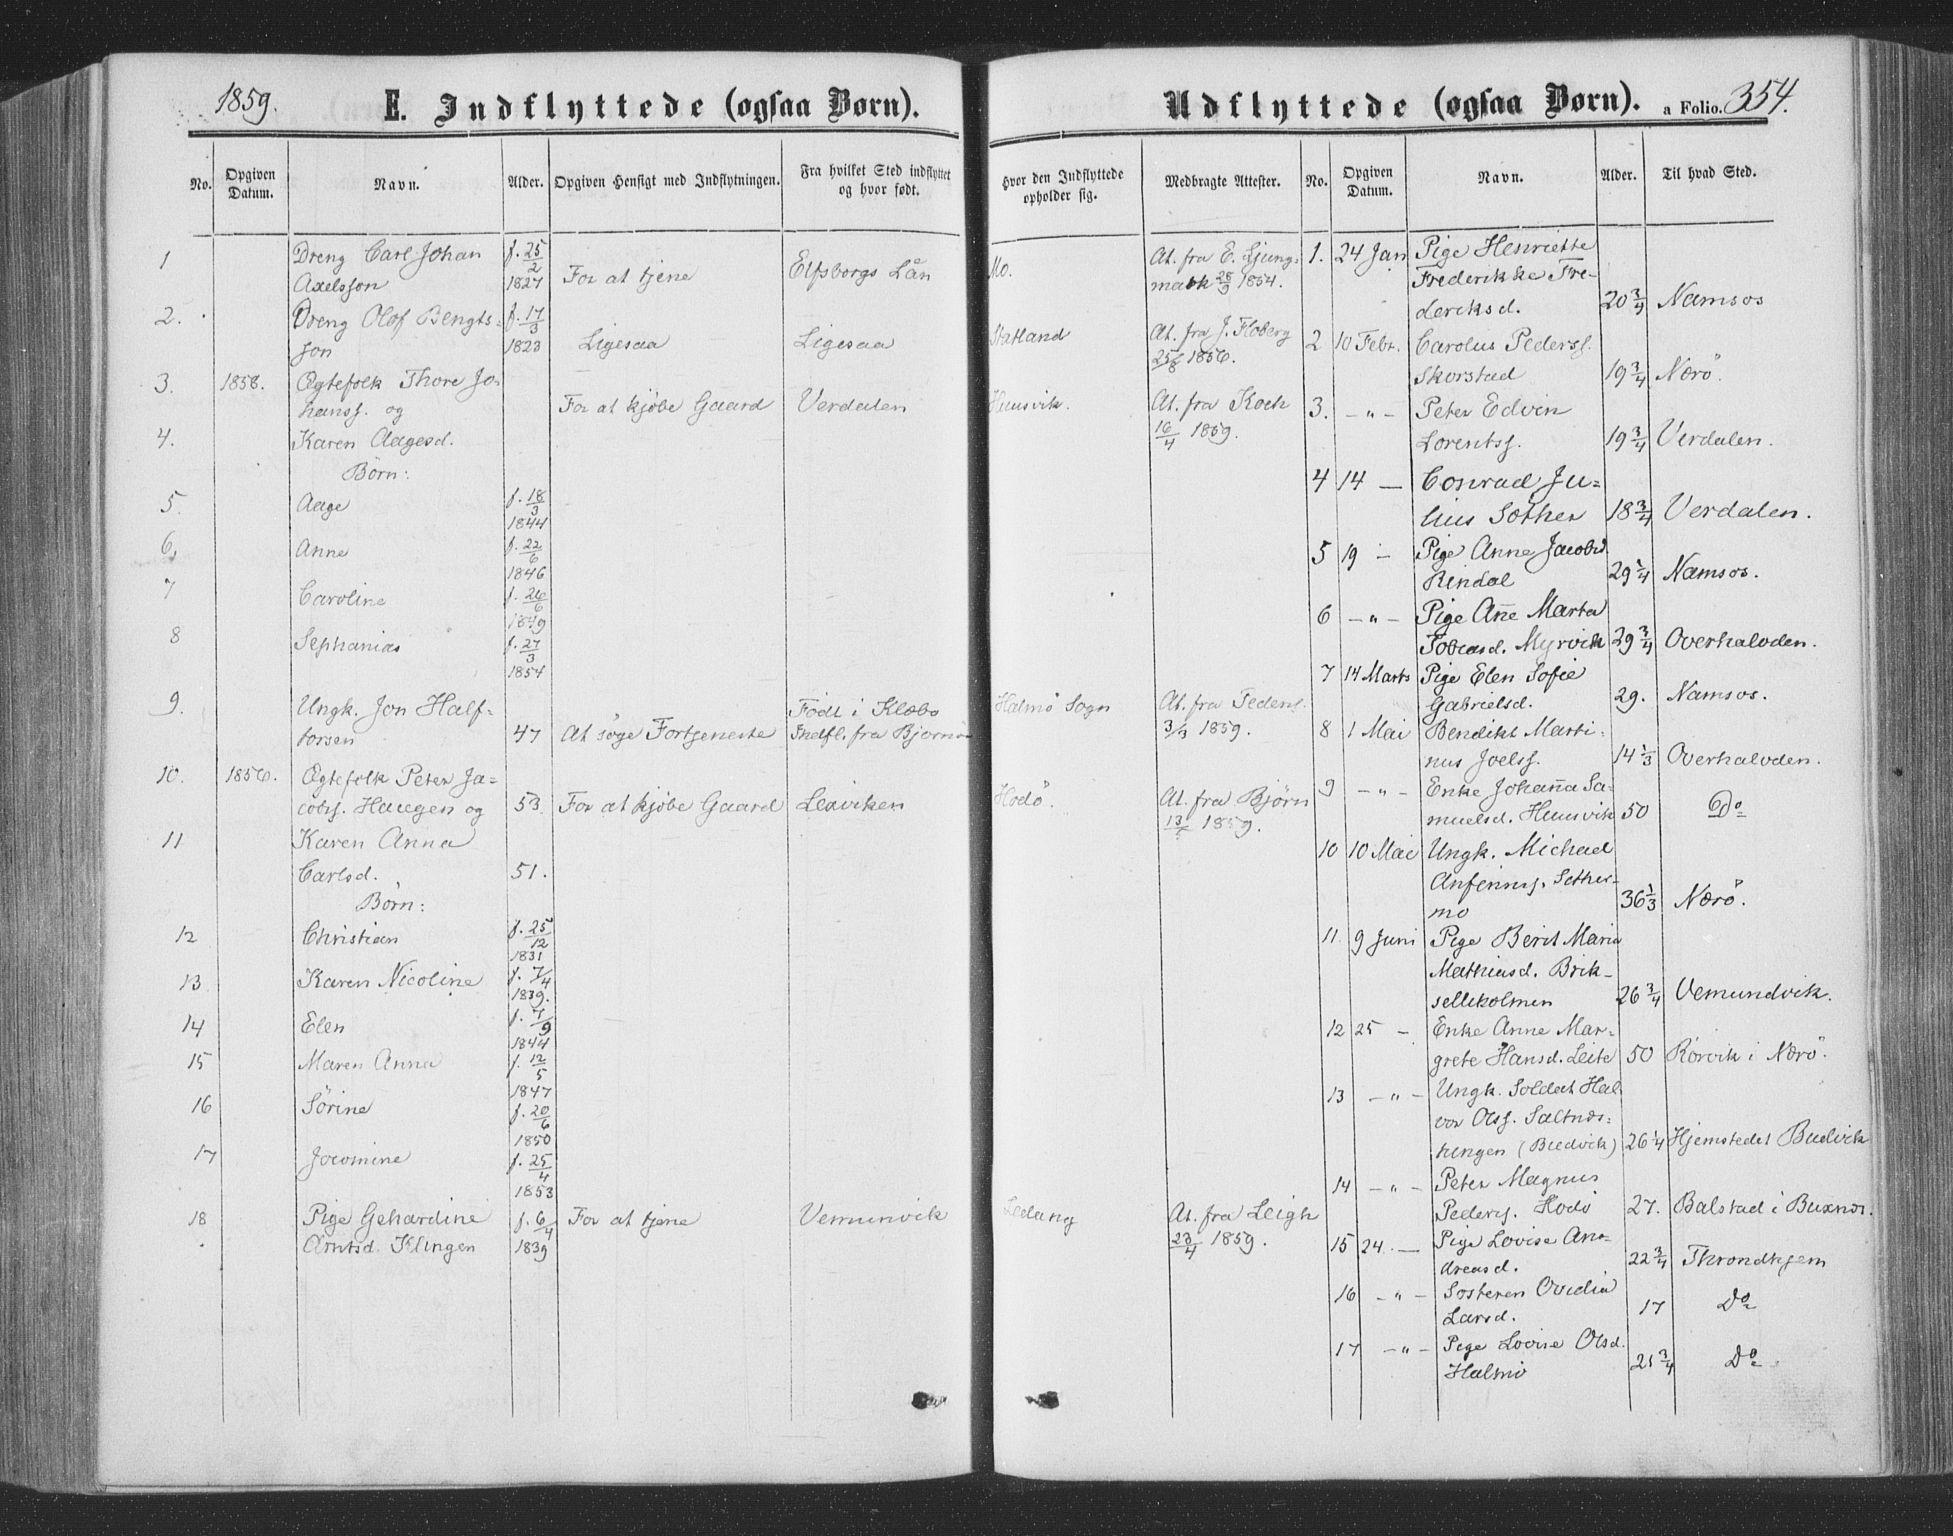 SAT, Ministerialprotokoller, klokkerbøker og fødselsregistre - Nord-Trøndelag, 773/L0615: Ministerialbok nr. 773A06, 1857-1870, s. 354